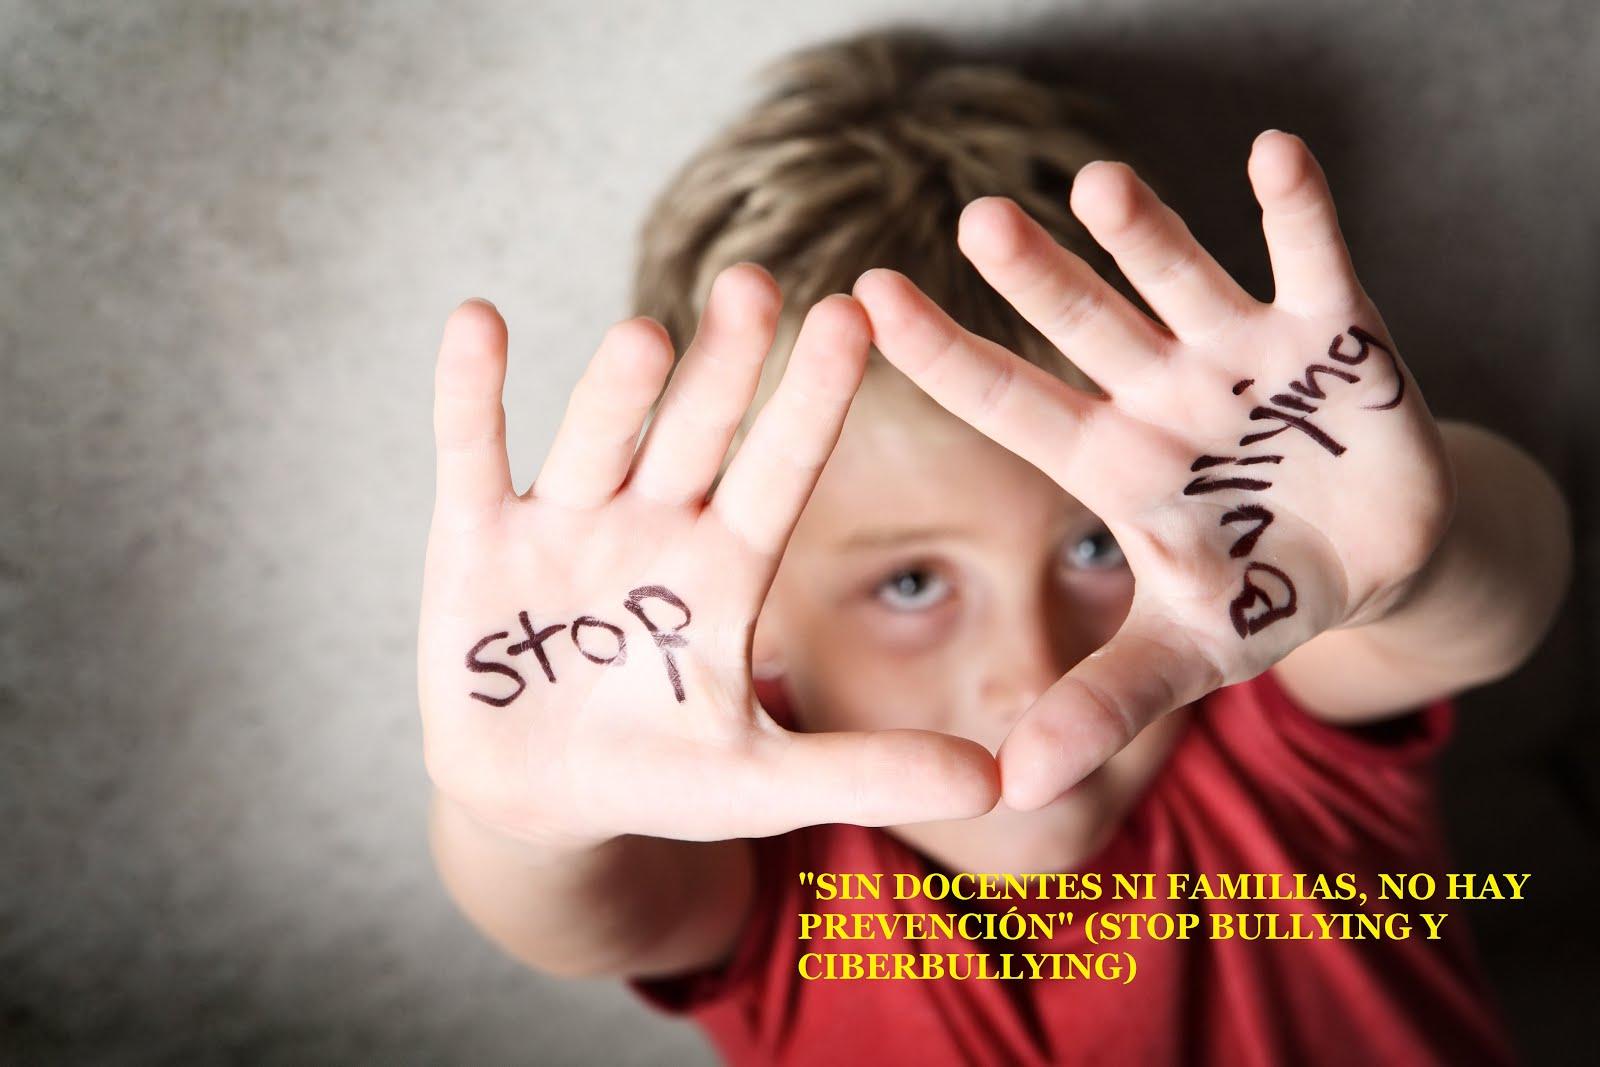 SIN DOCENTES NI FAMILIAS, NO HAY PREVENCIÓN !!